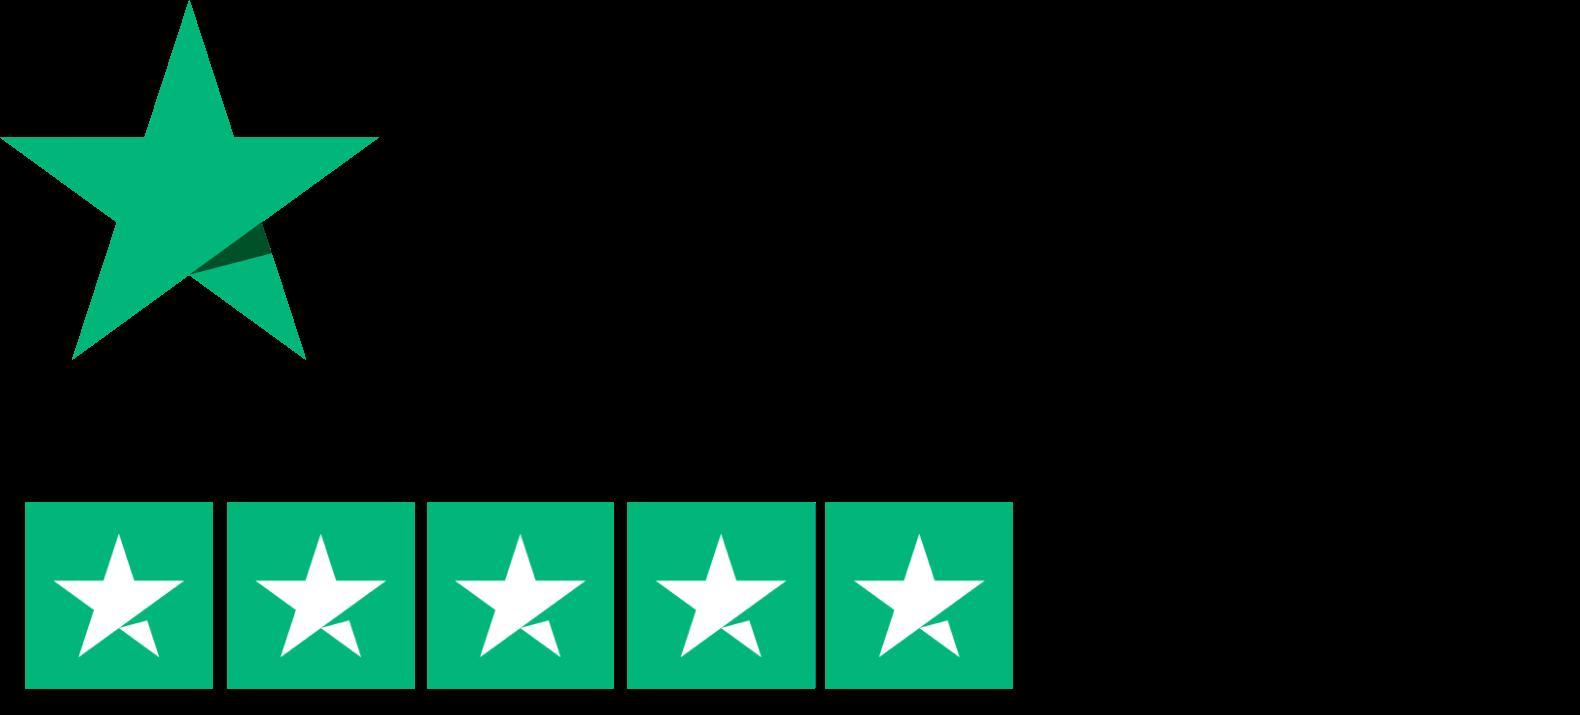 Trustpilot widget stars